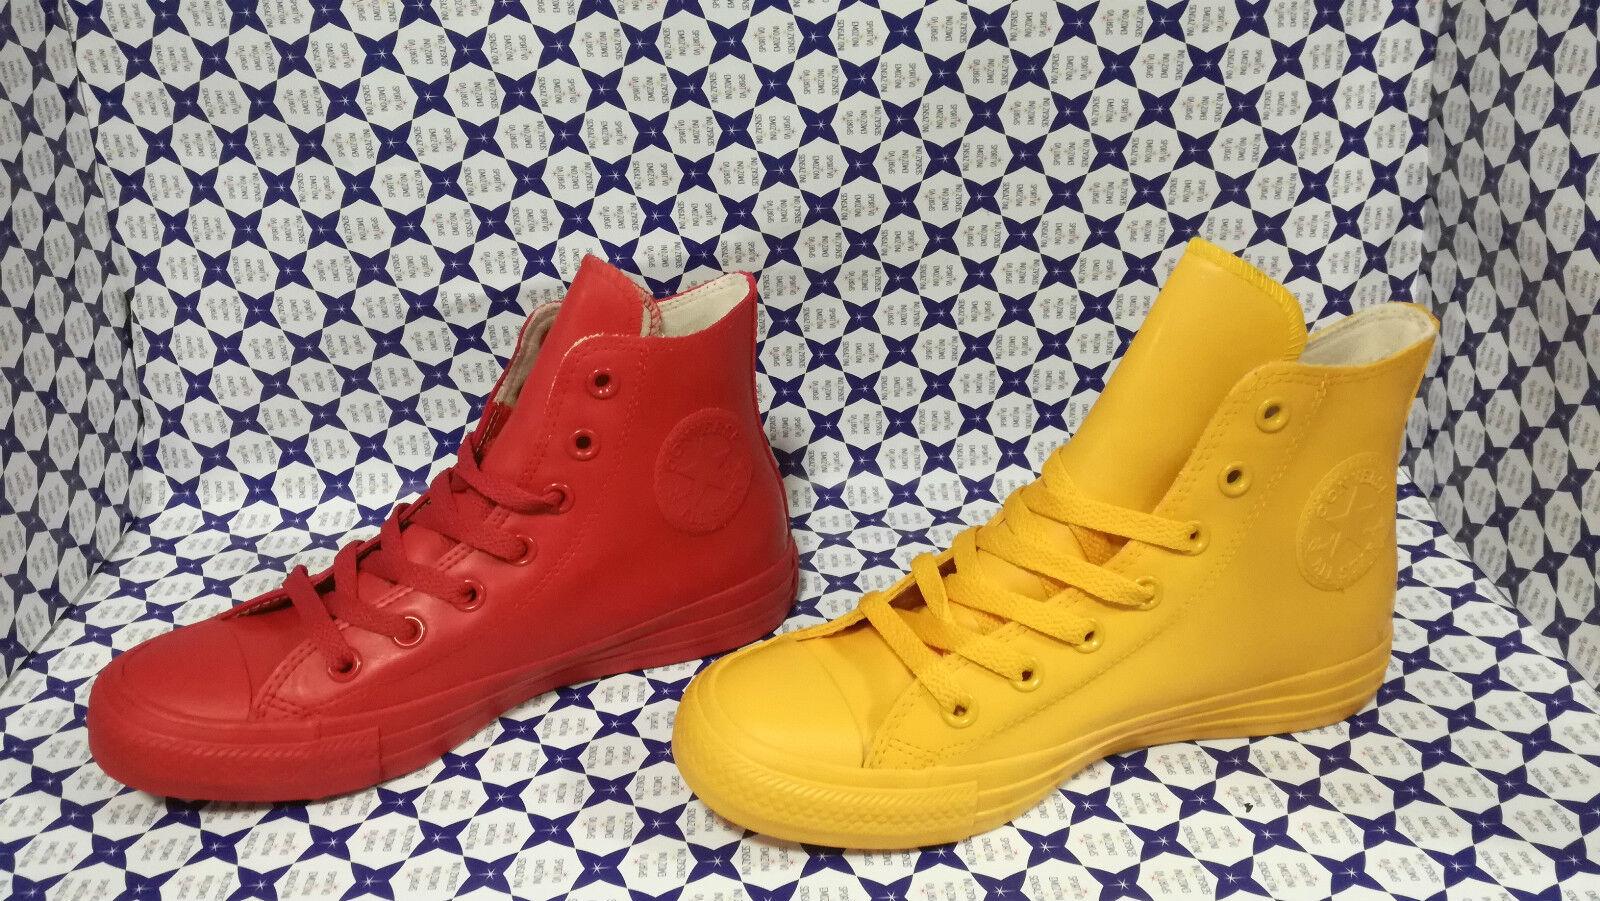 Zapatos  Converse All Star Hi Giallo Rubber Gomma  144747C Giallo Hi / 144744C Rosso f881f9